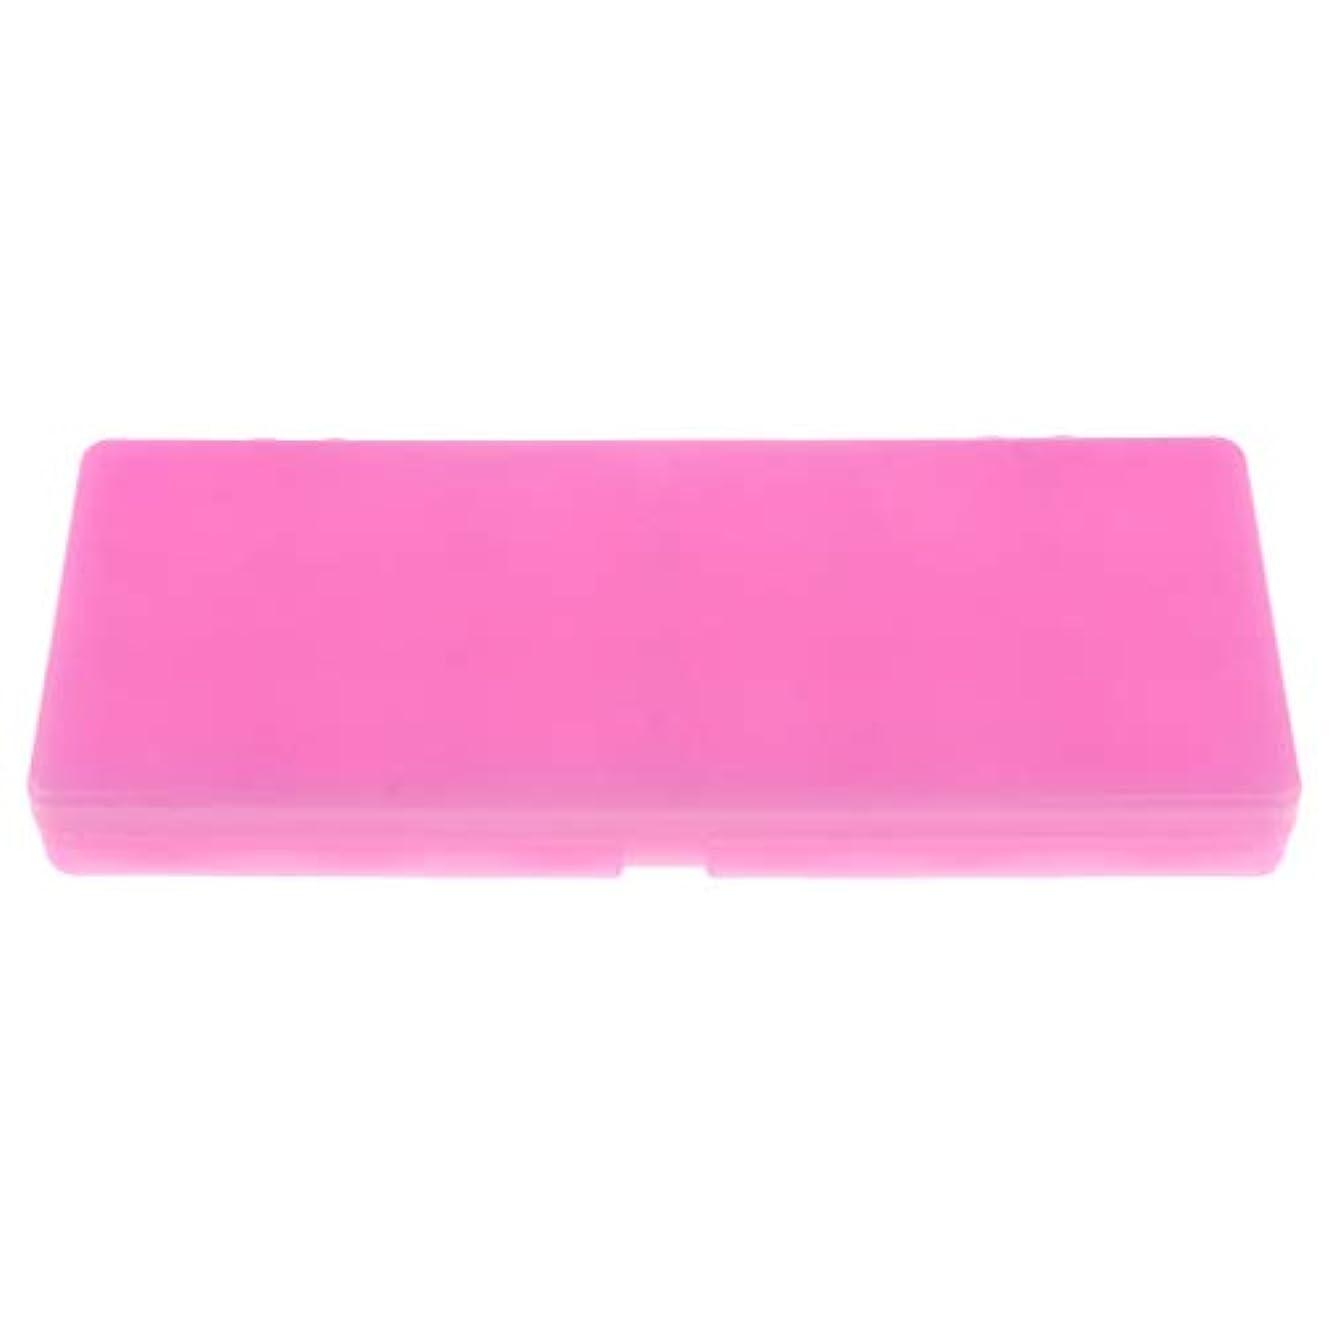 暴露するかりて指定するP Prettyia 水彩画/ガッシュ/アクリルオイルペイント用 ネイルアート 化粧品 混合パレット 3色 - ピンク